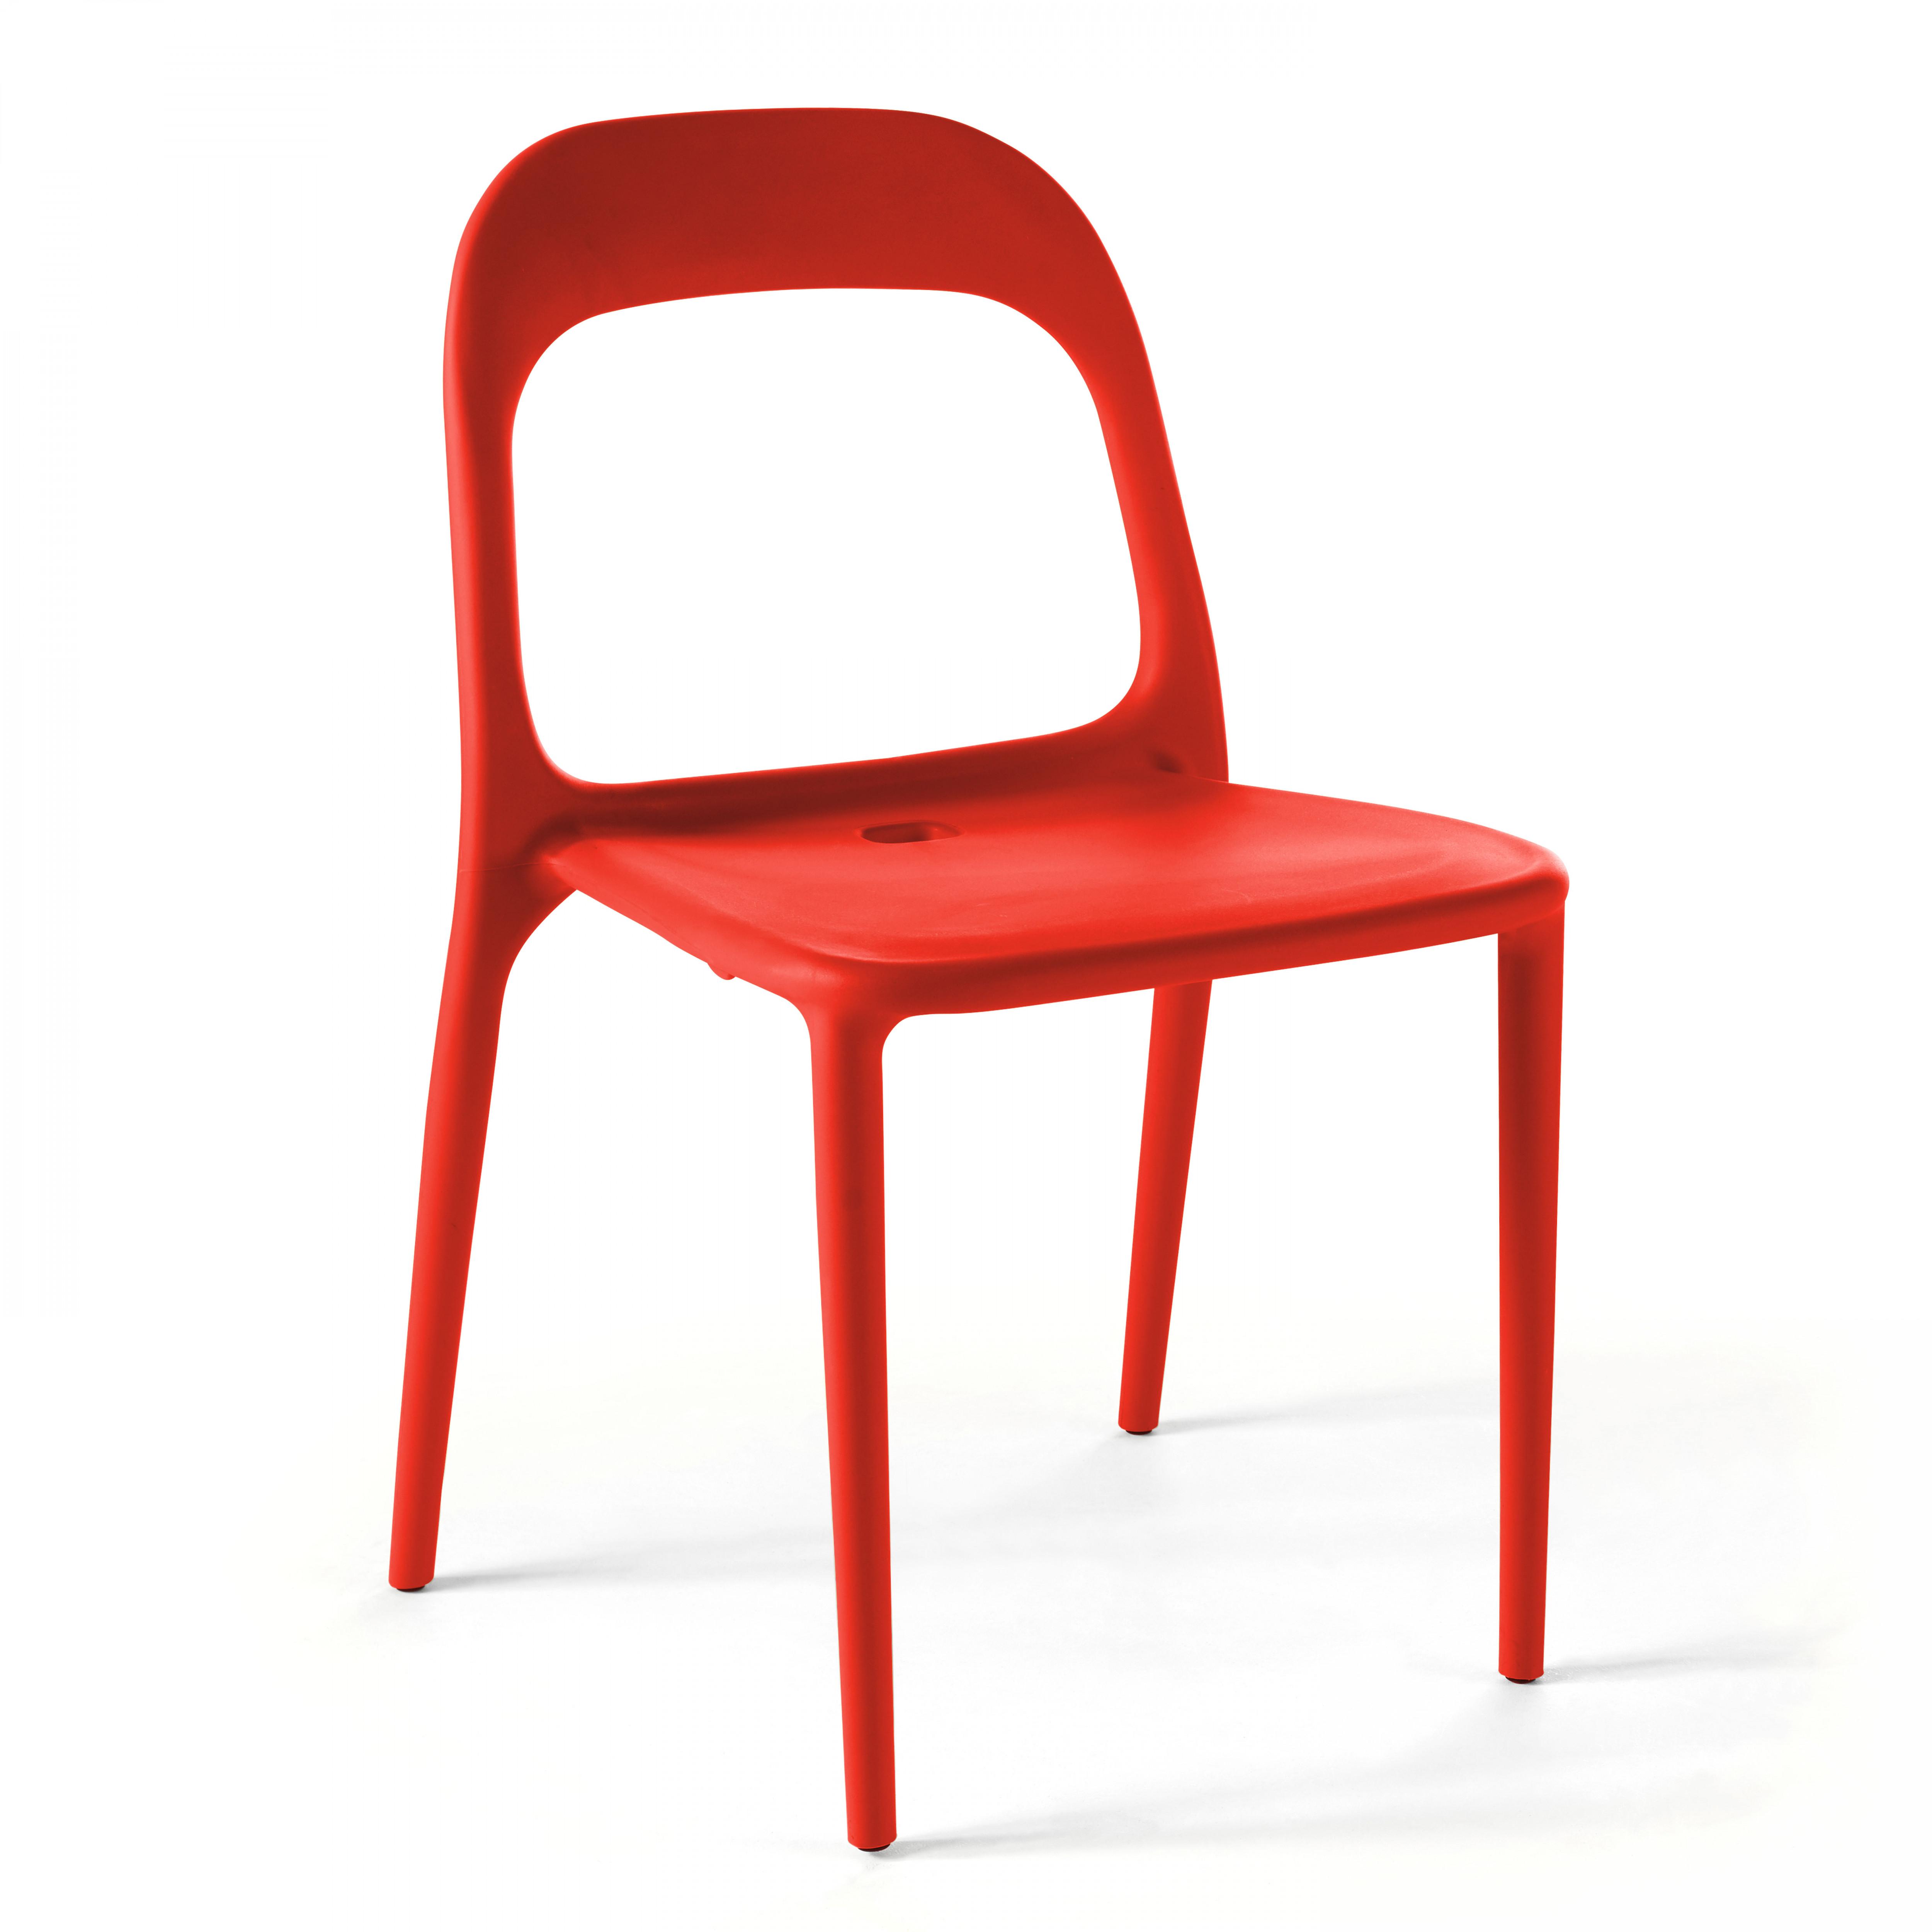 Chaise de jardin 1 place en plastique rouge